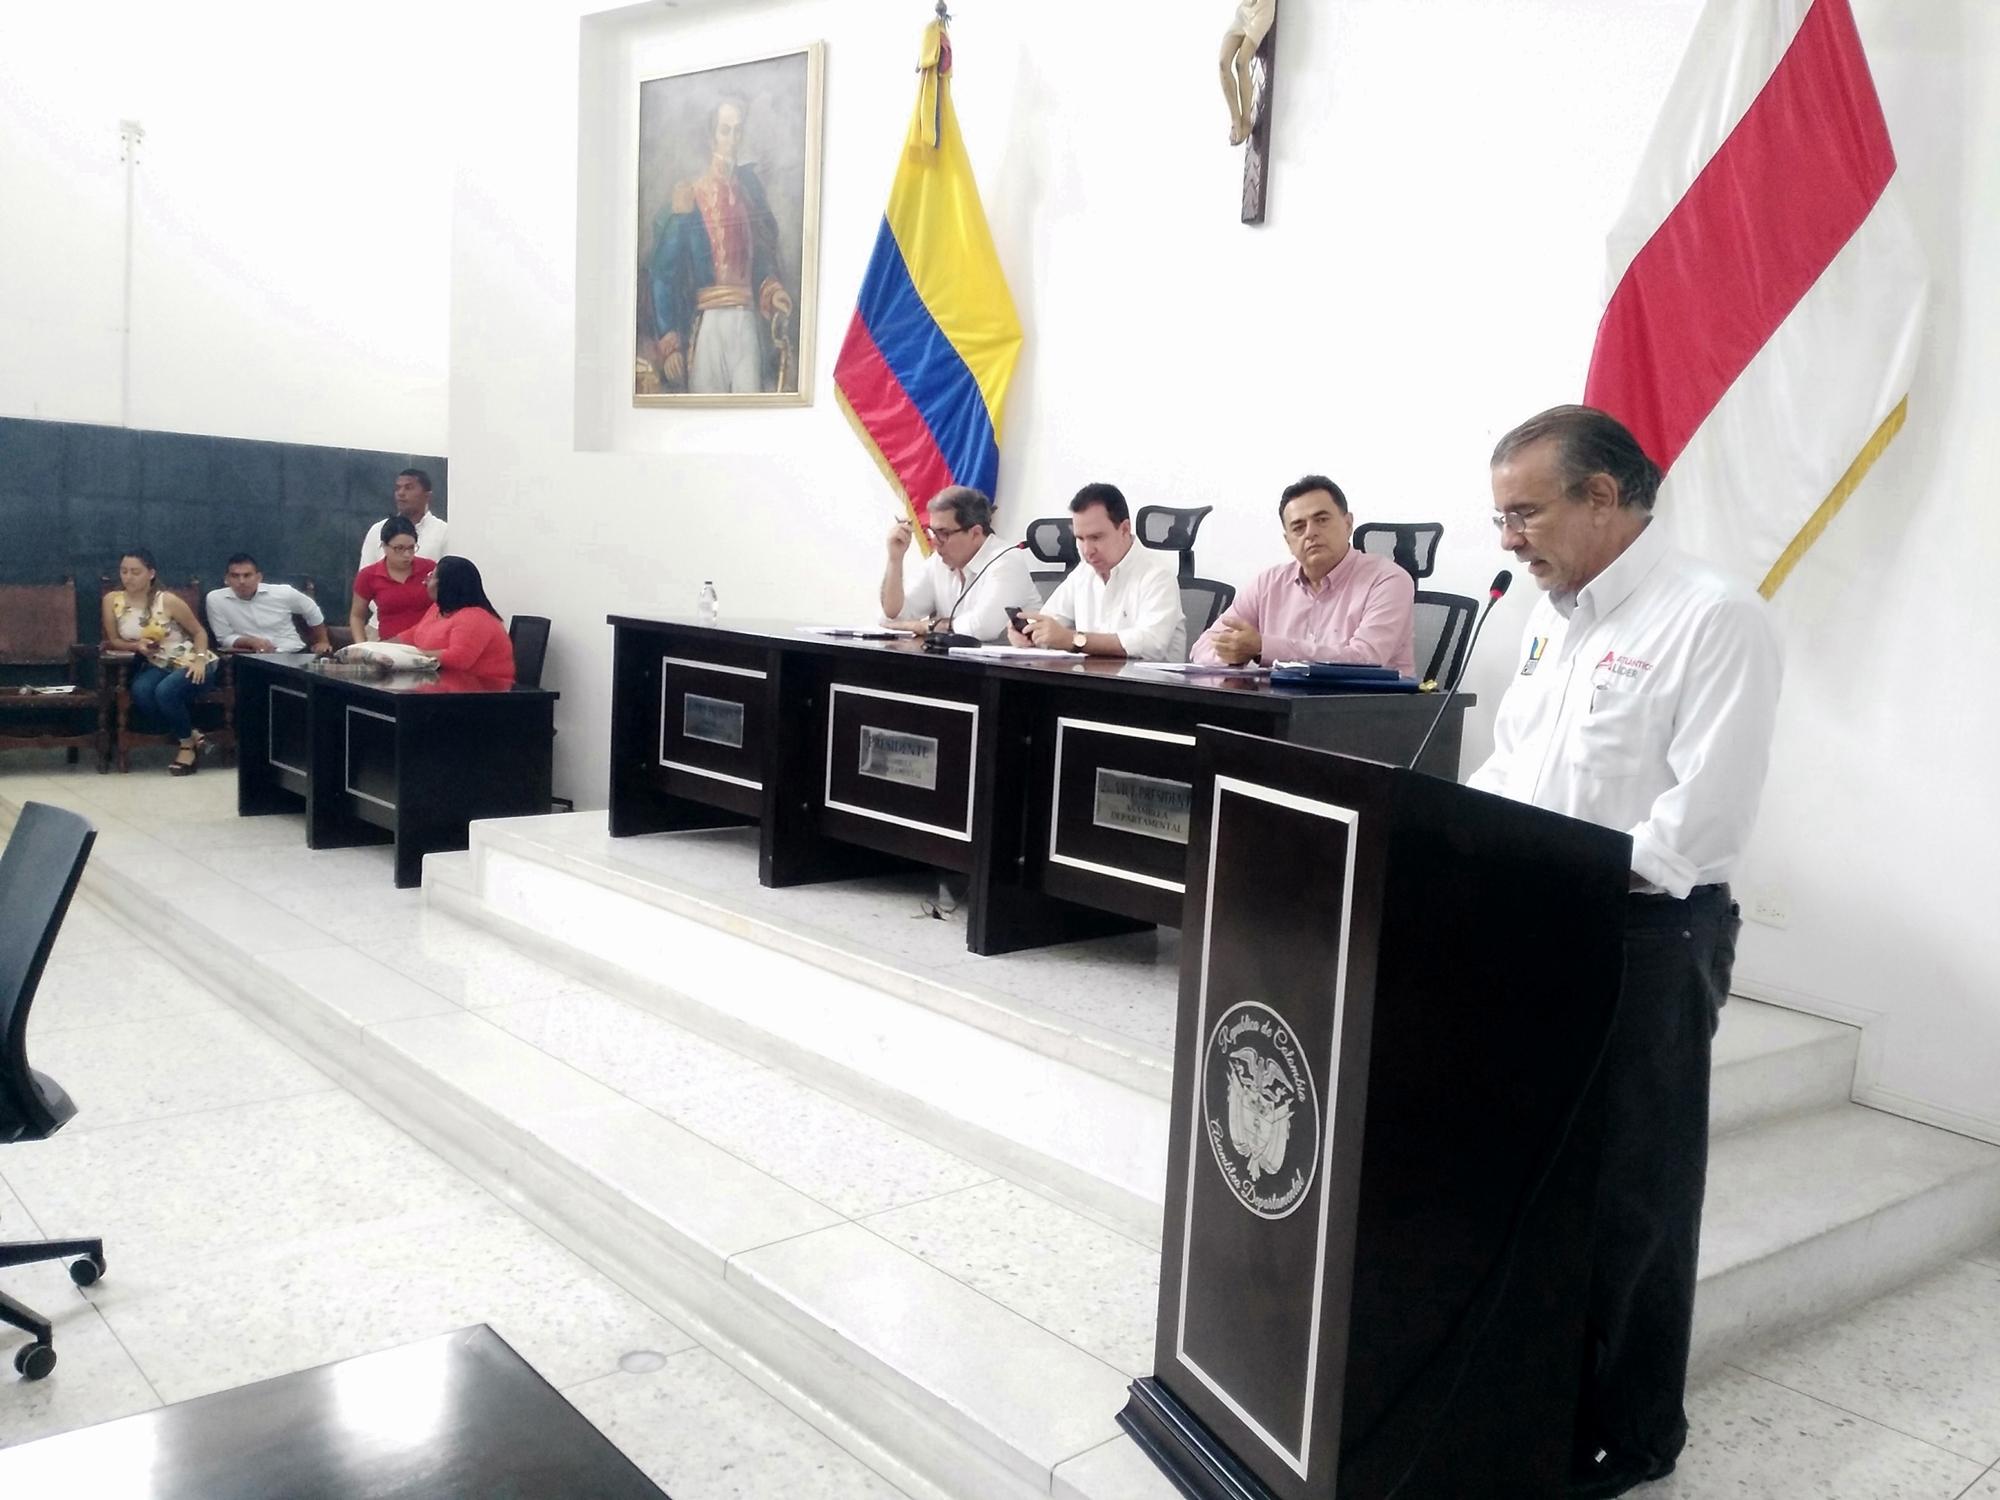 Verano presentó 7 nuevos proyectos para debate de la Asamblea